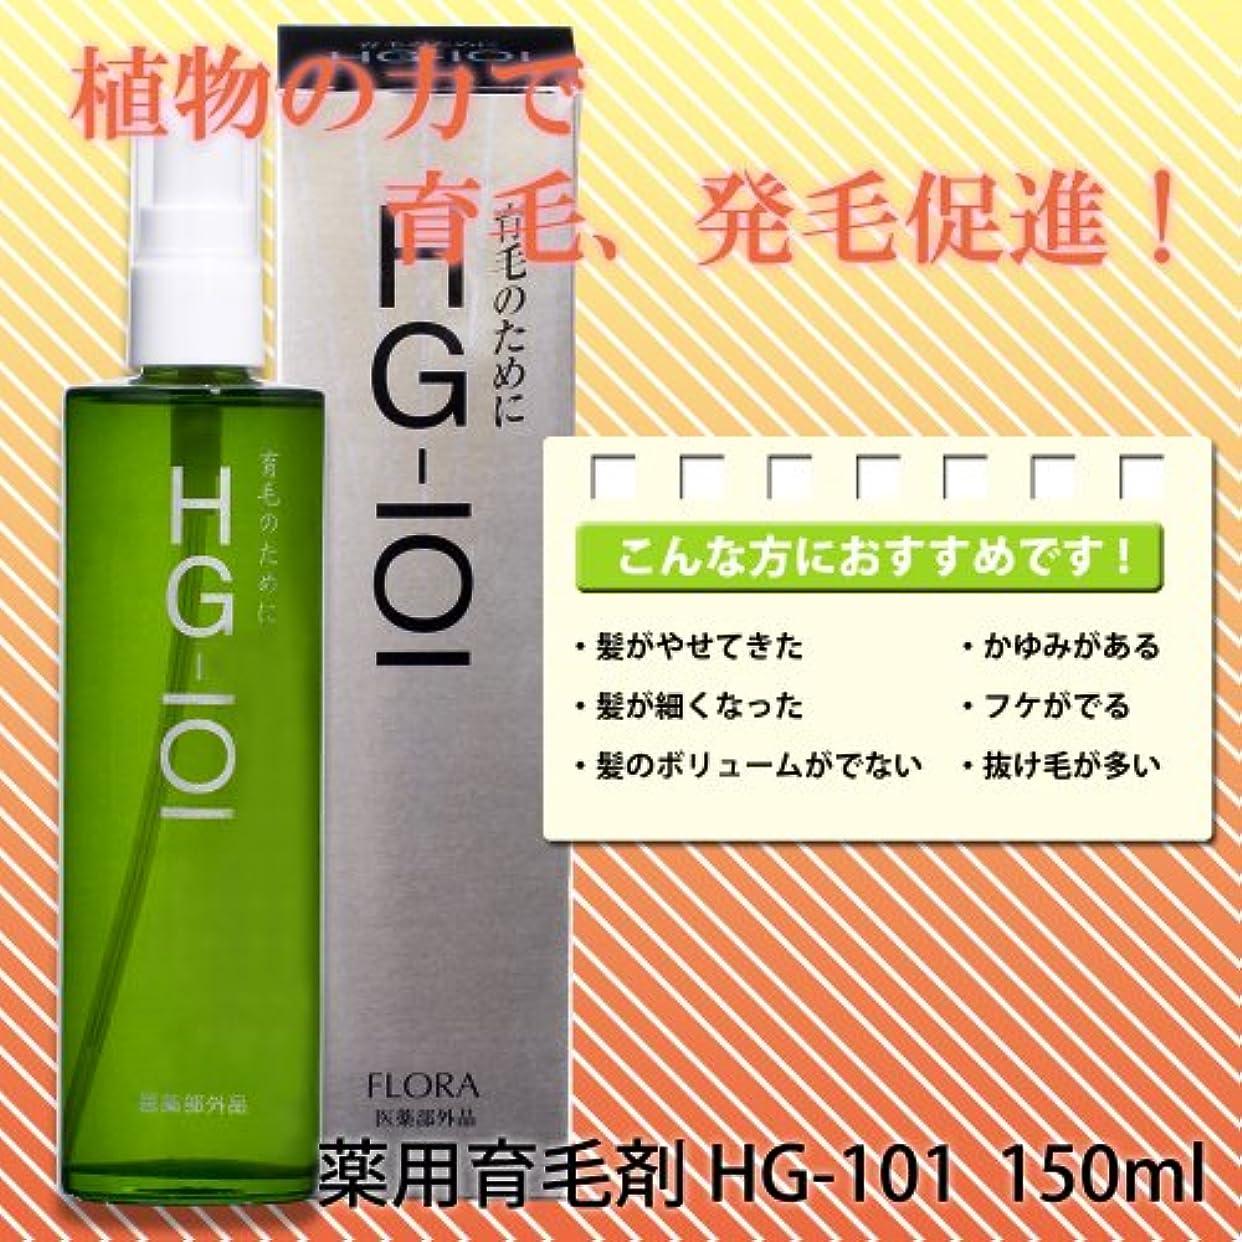 出演者協力入浴薬用育毛剤HG-101 150ml